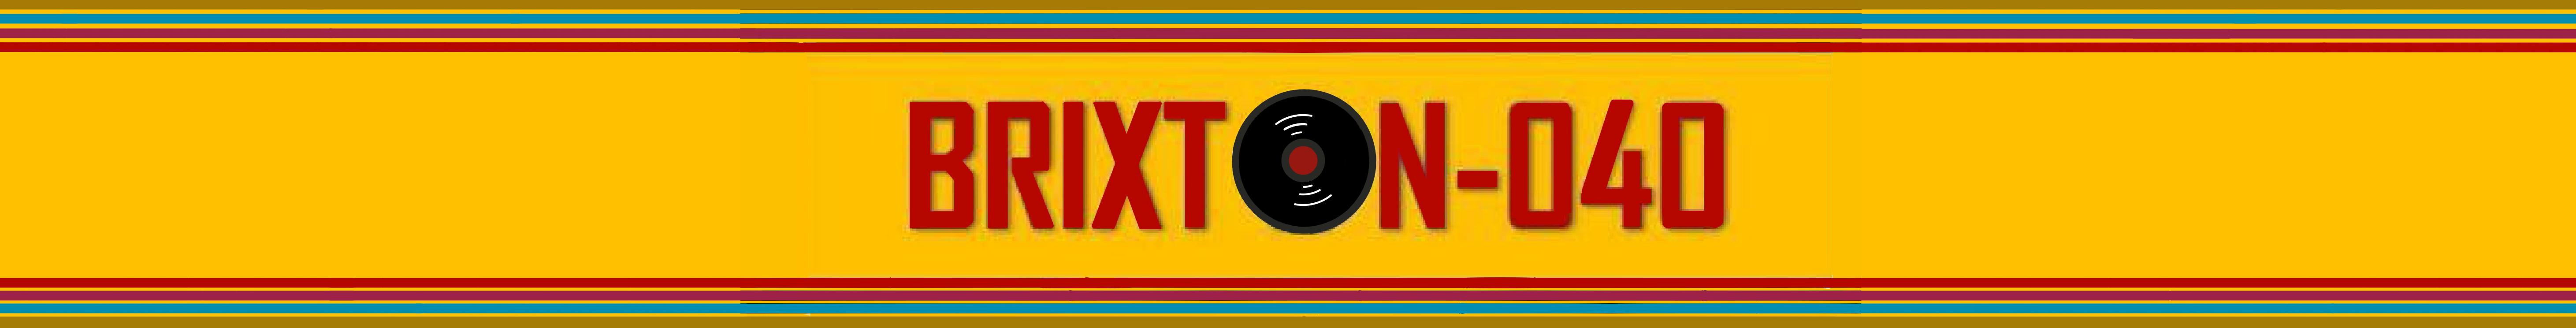 Britxton040